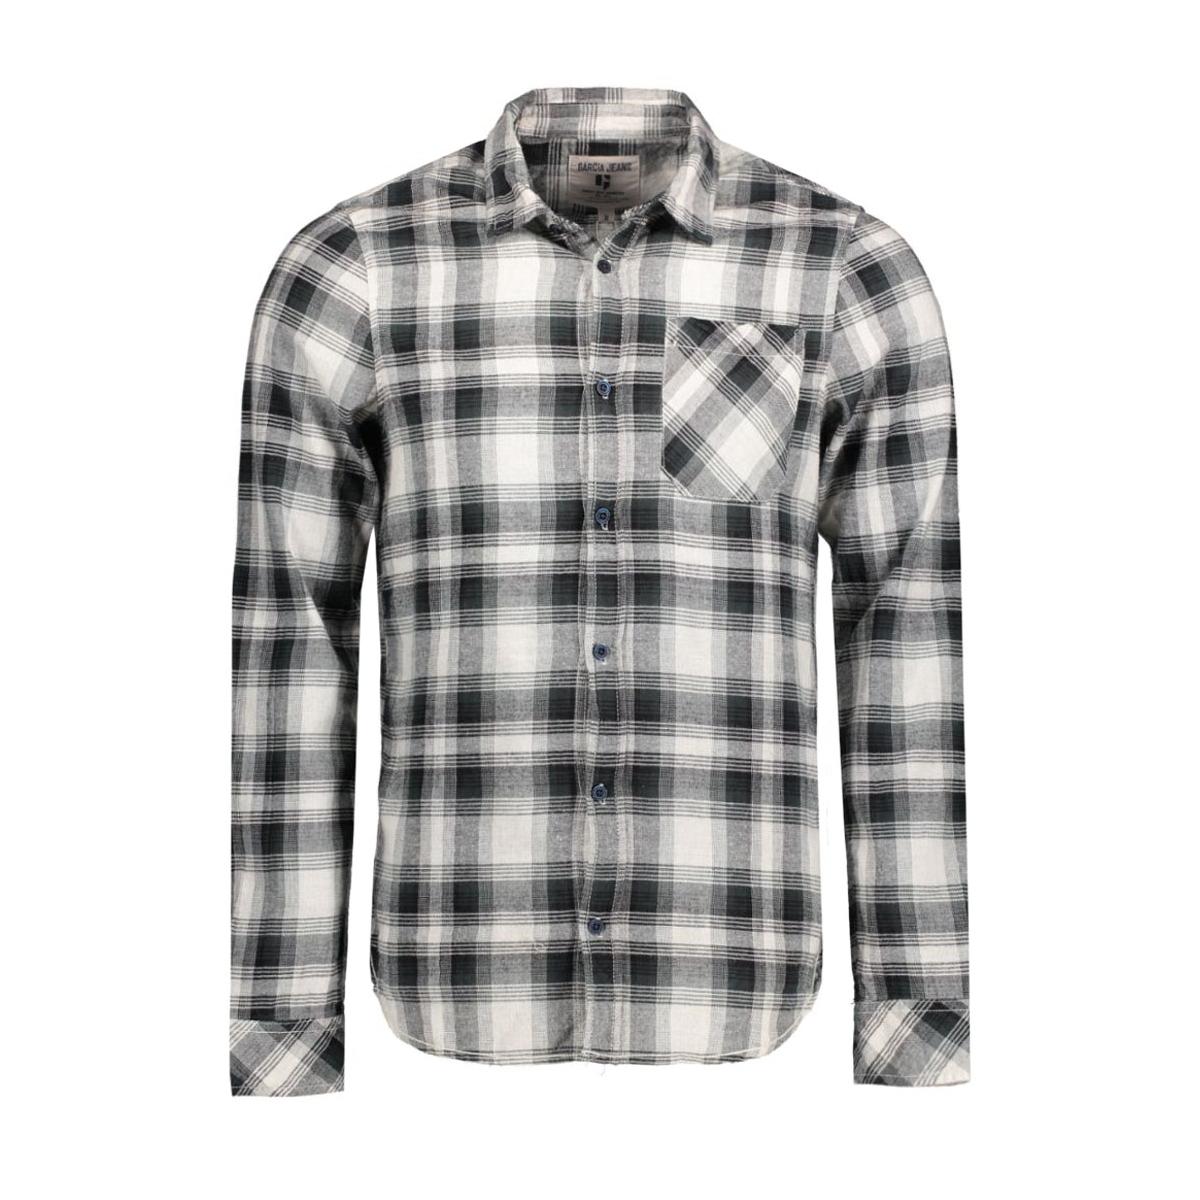 v61227 garcia overhemd 1856 grey khaki